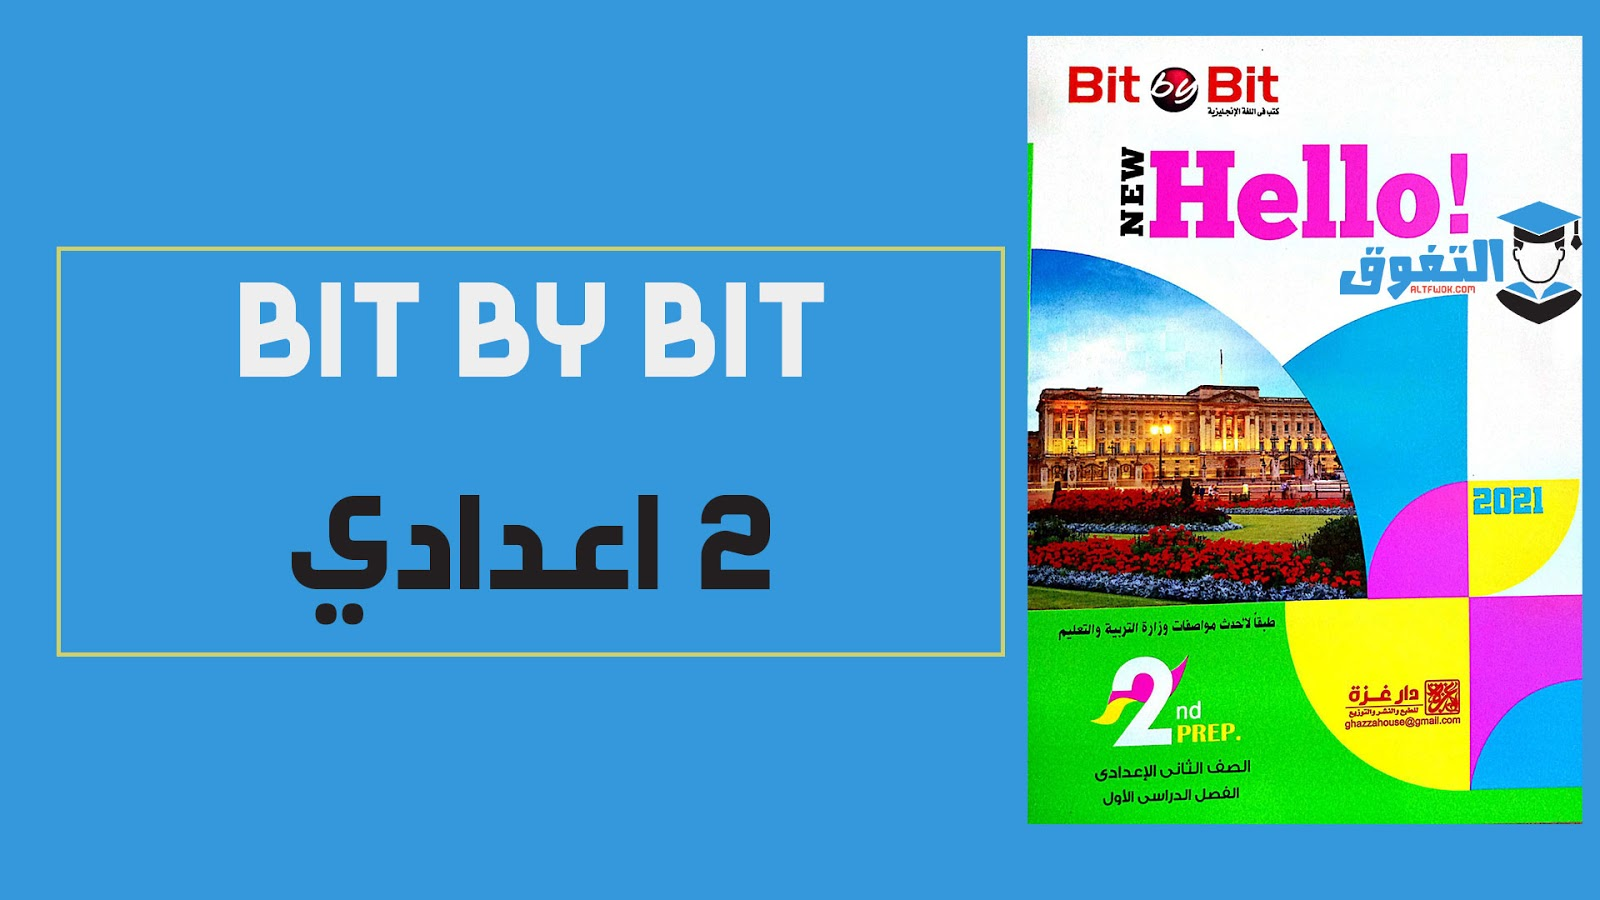 تحميل كتاب بت باى بت Bit by Bit لغة انجليزية للصف الثانى الاعدادى الترم الاول 2021 (النسخة الجديدة )